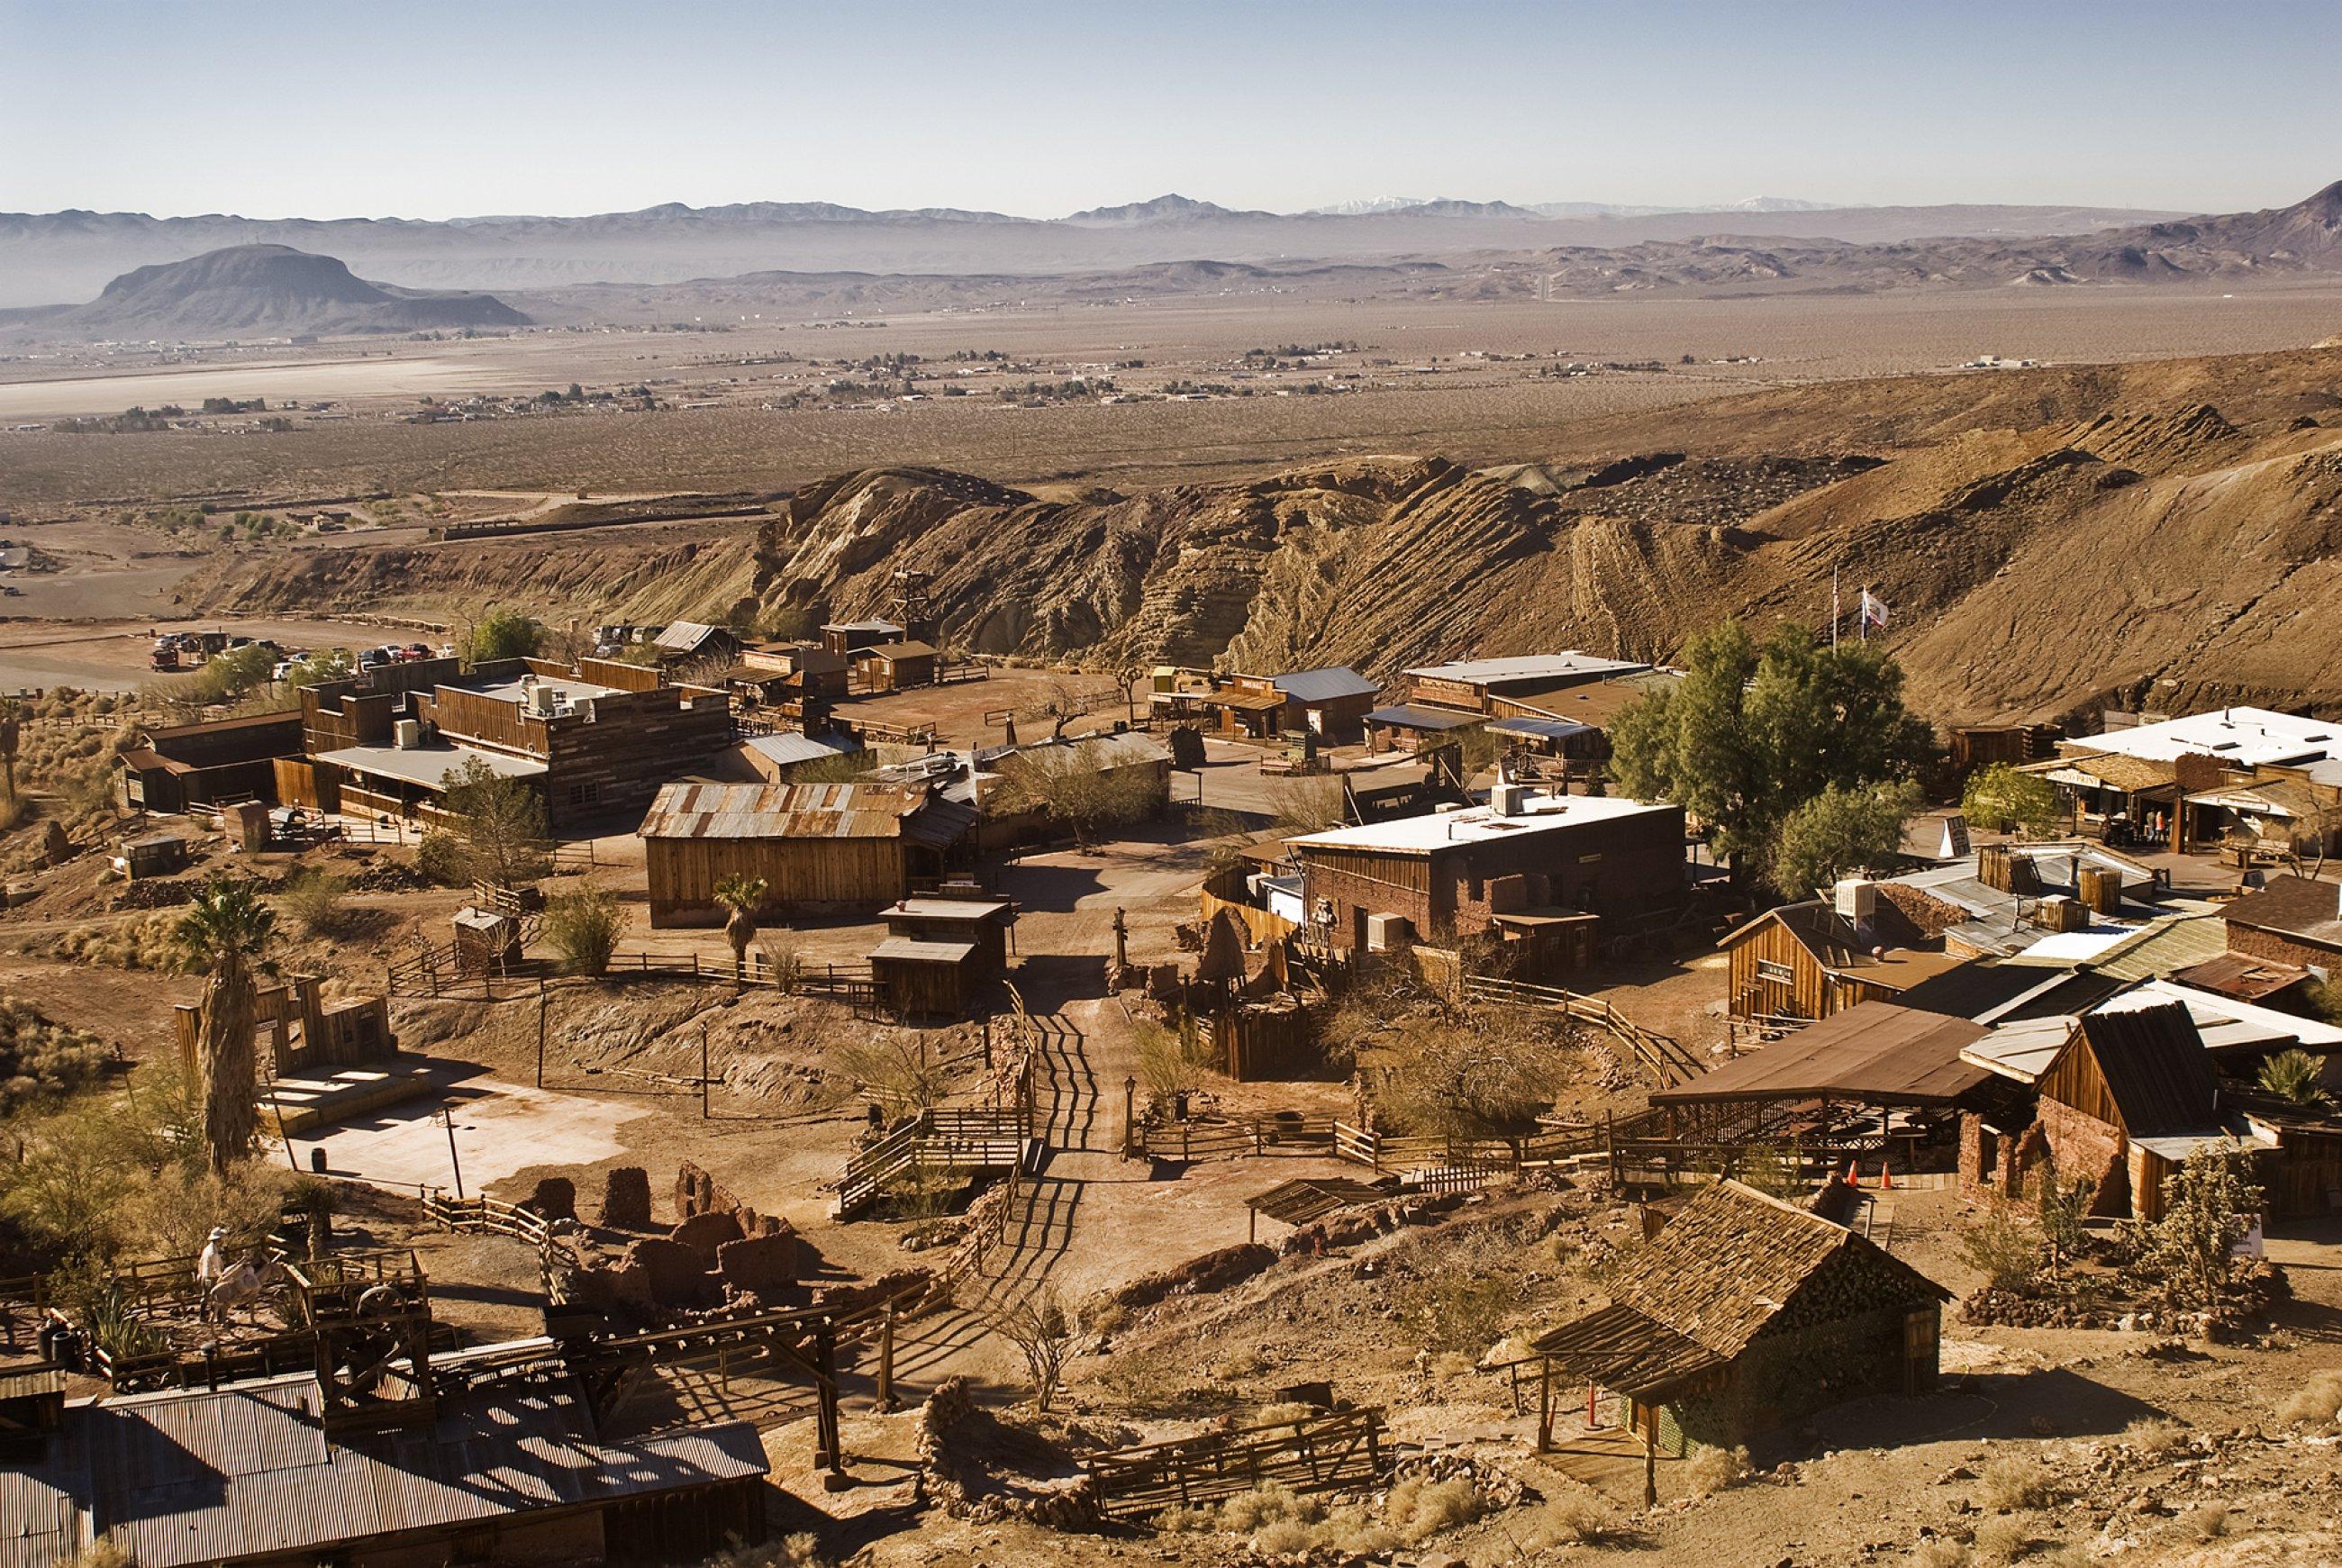 https://bubo.sk/uploads/galleries/4997/calico-town-las-vegas-mojave-desert.jpg